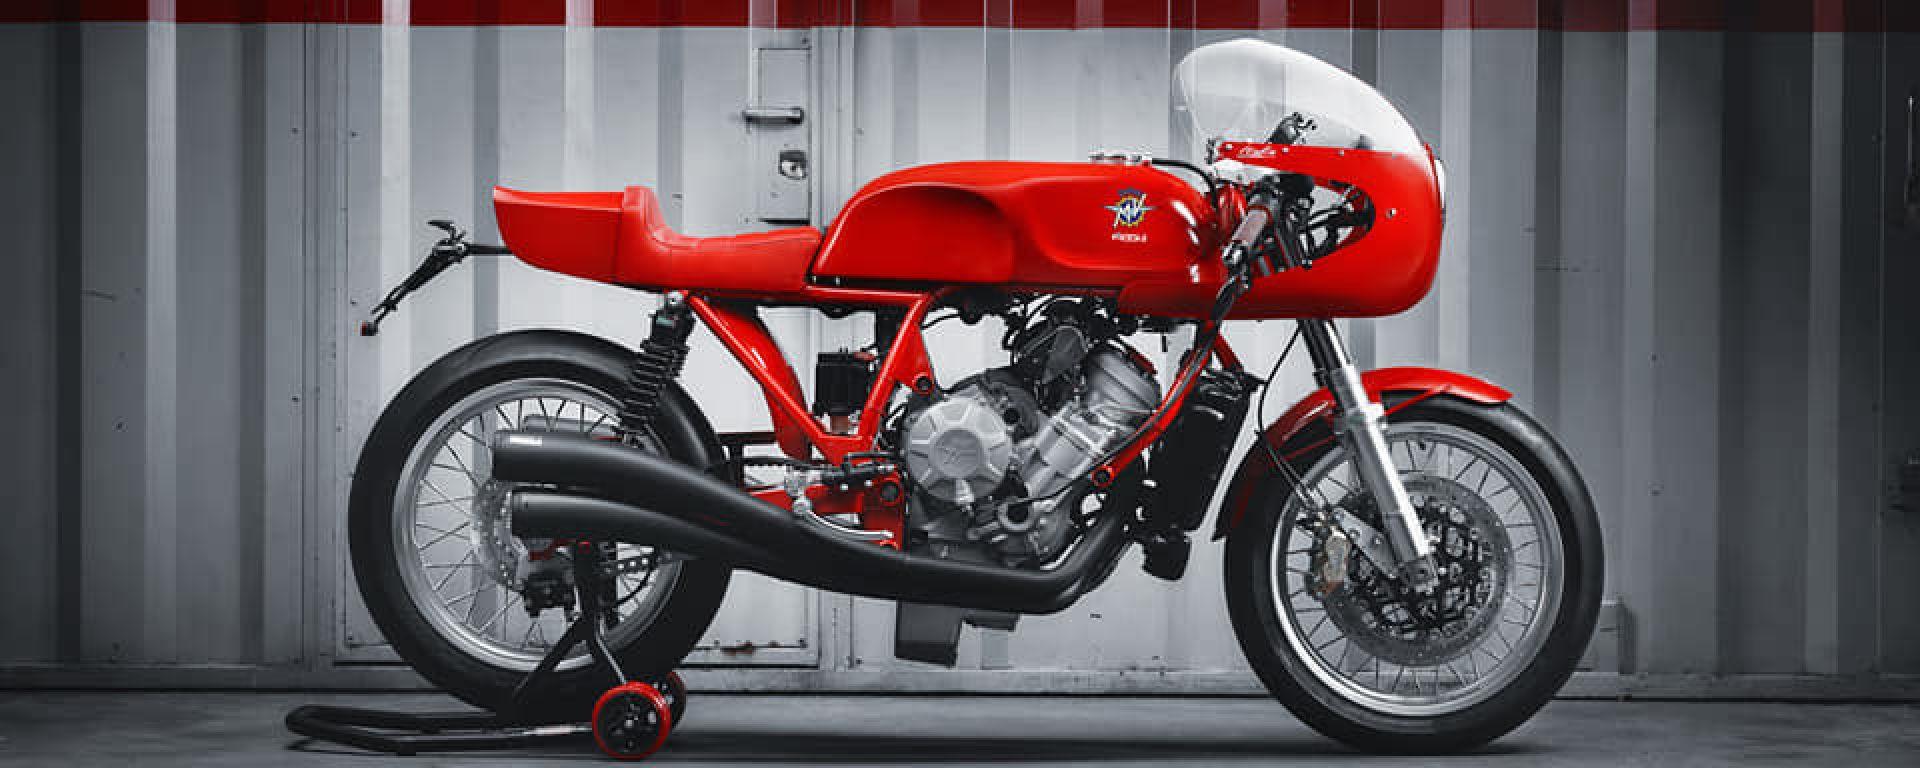 Magni Italia 01/01: la moto omaggio ad Arturo Magni